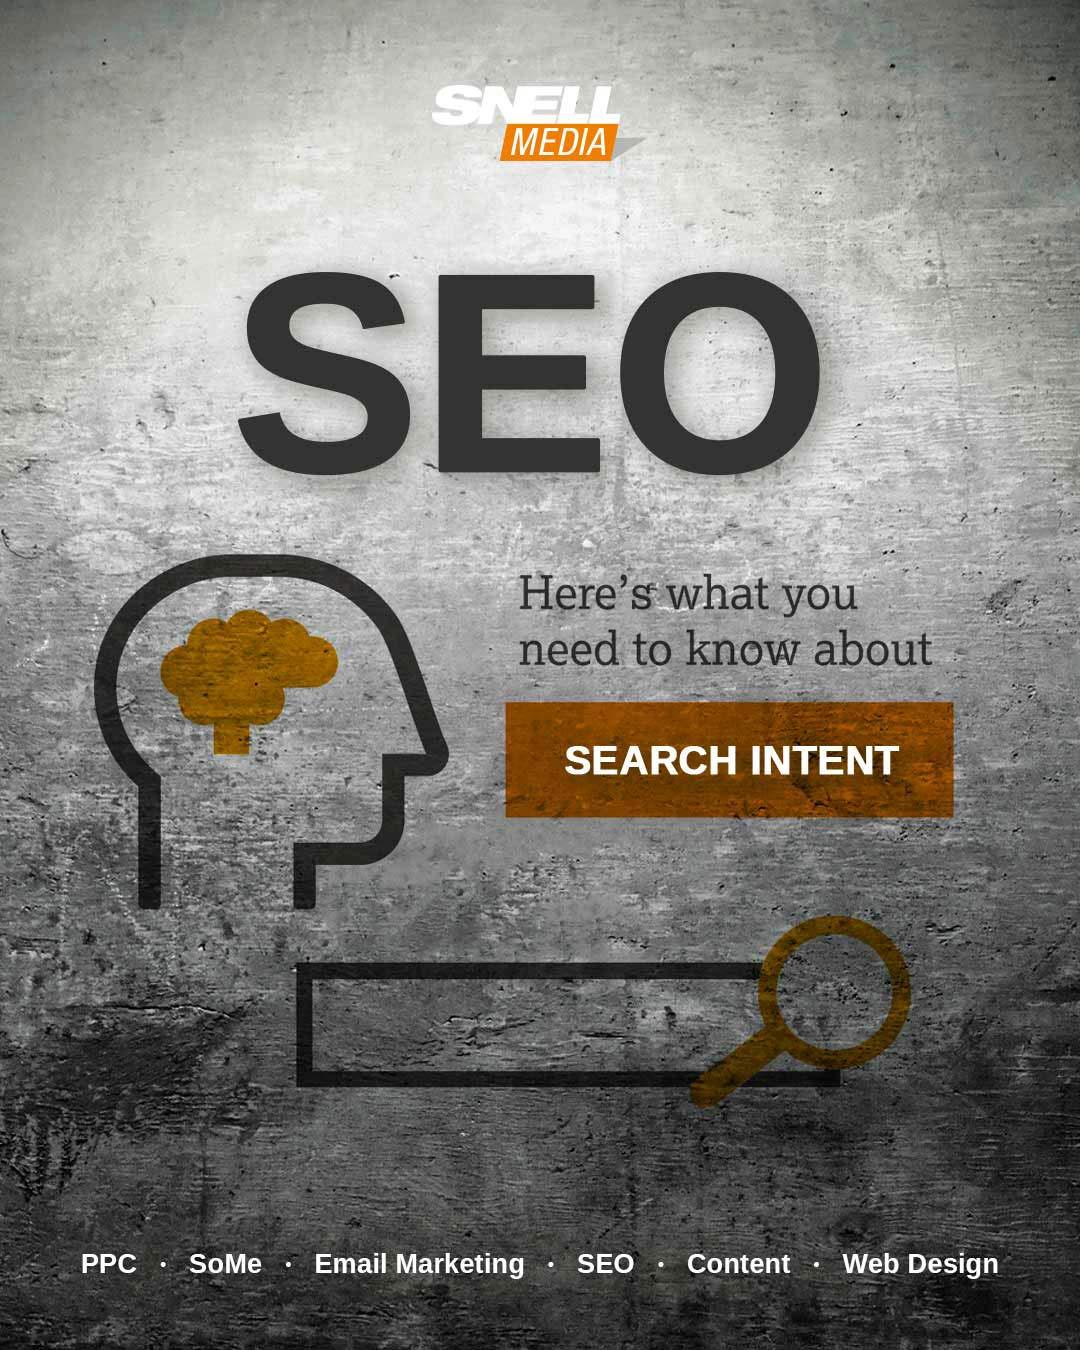 SEO & Search Intent 6th B2B Digital Marketing Trend